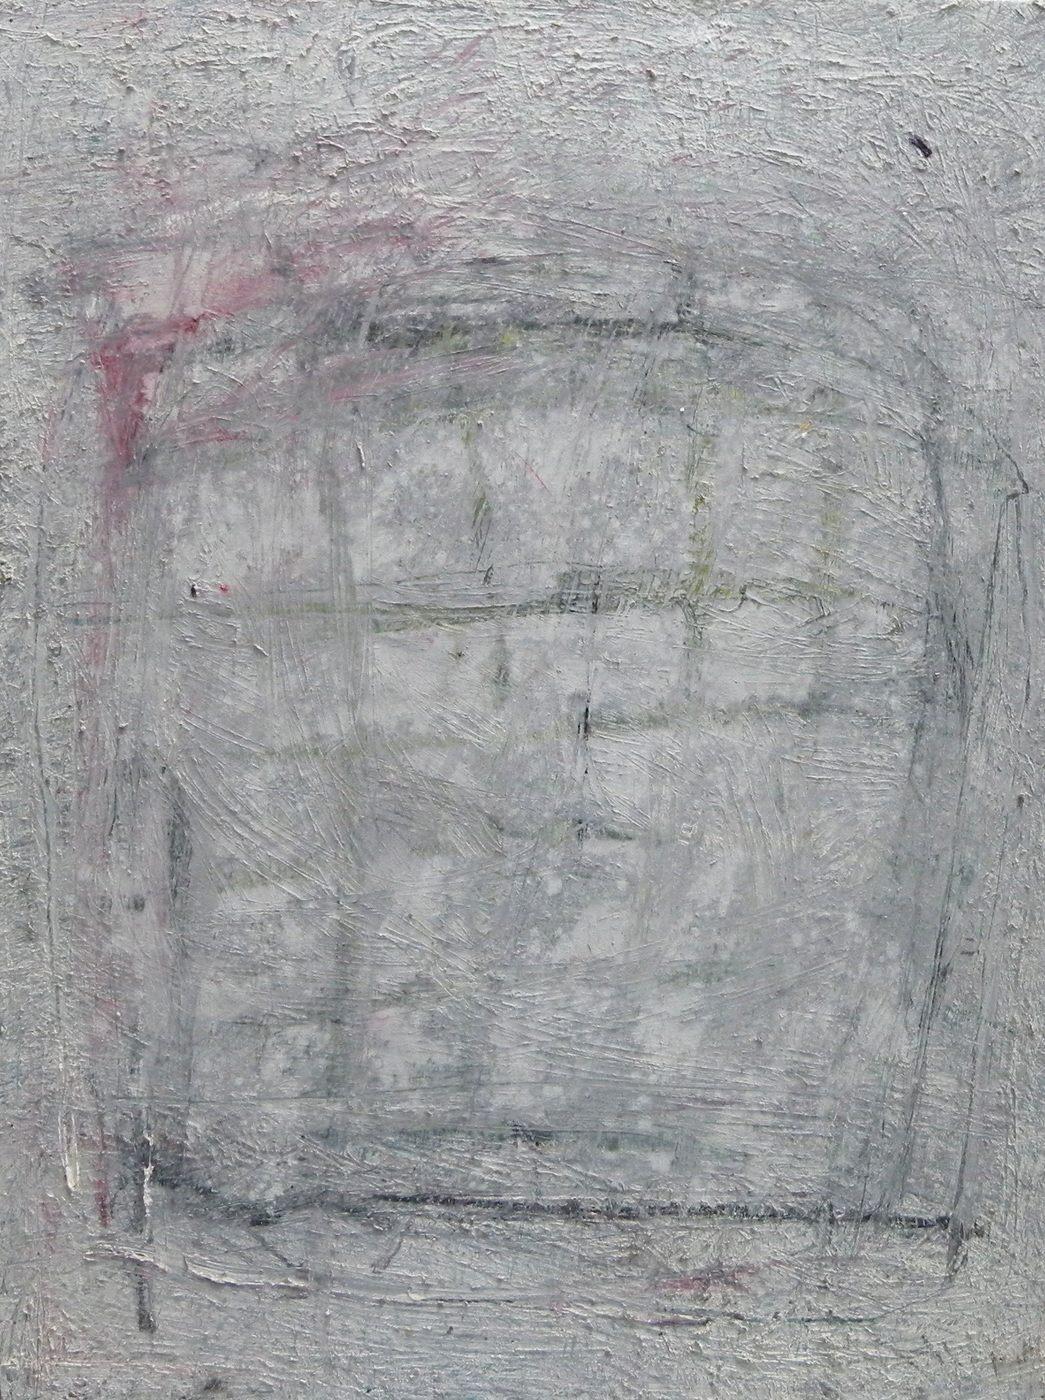 MARC FELD 1994 SANS TITRE Huile sur toile 116 x 73 cm